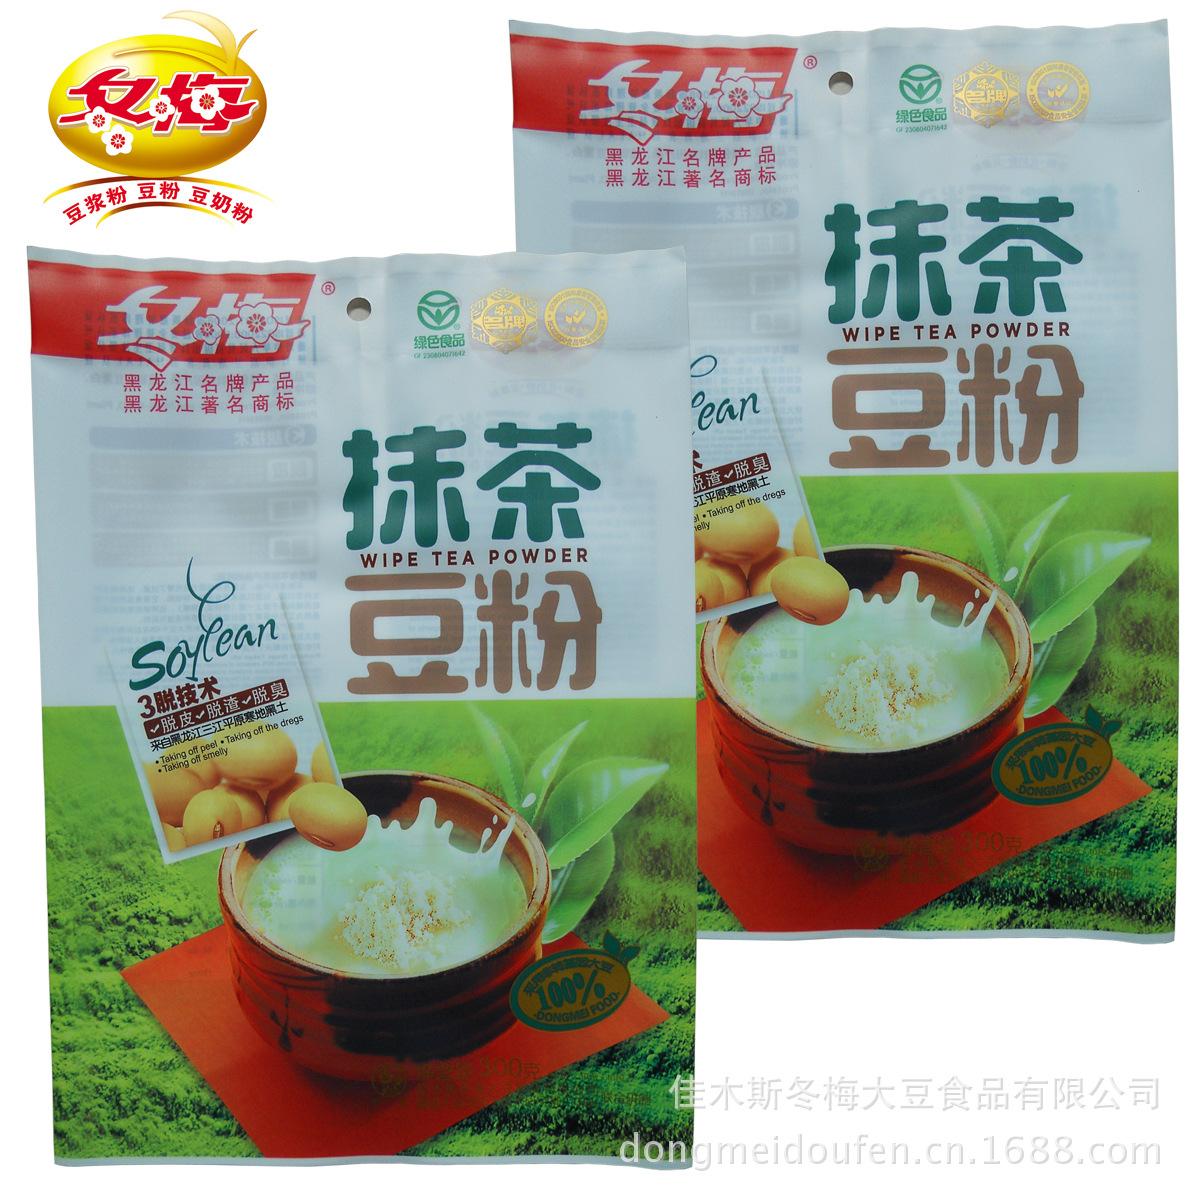 找采购厂家直销 正品 冬梅 优质300g抹茶豆粉 批发的客户